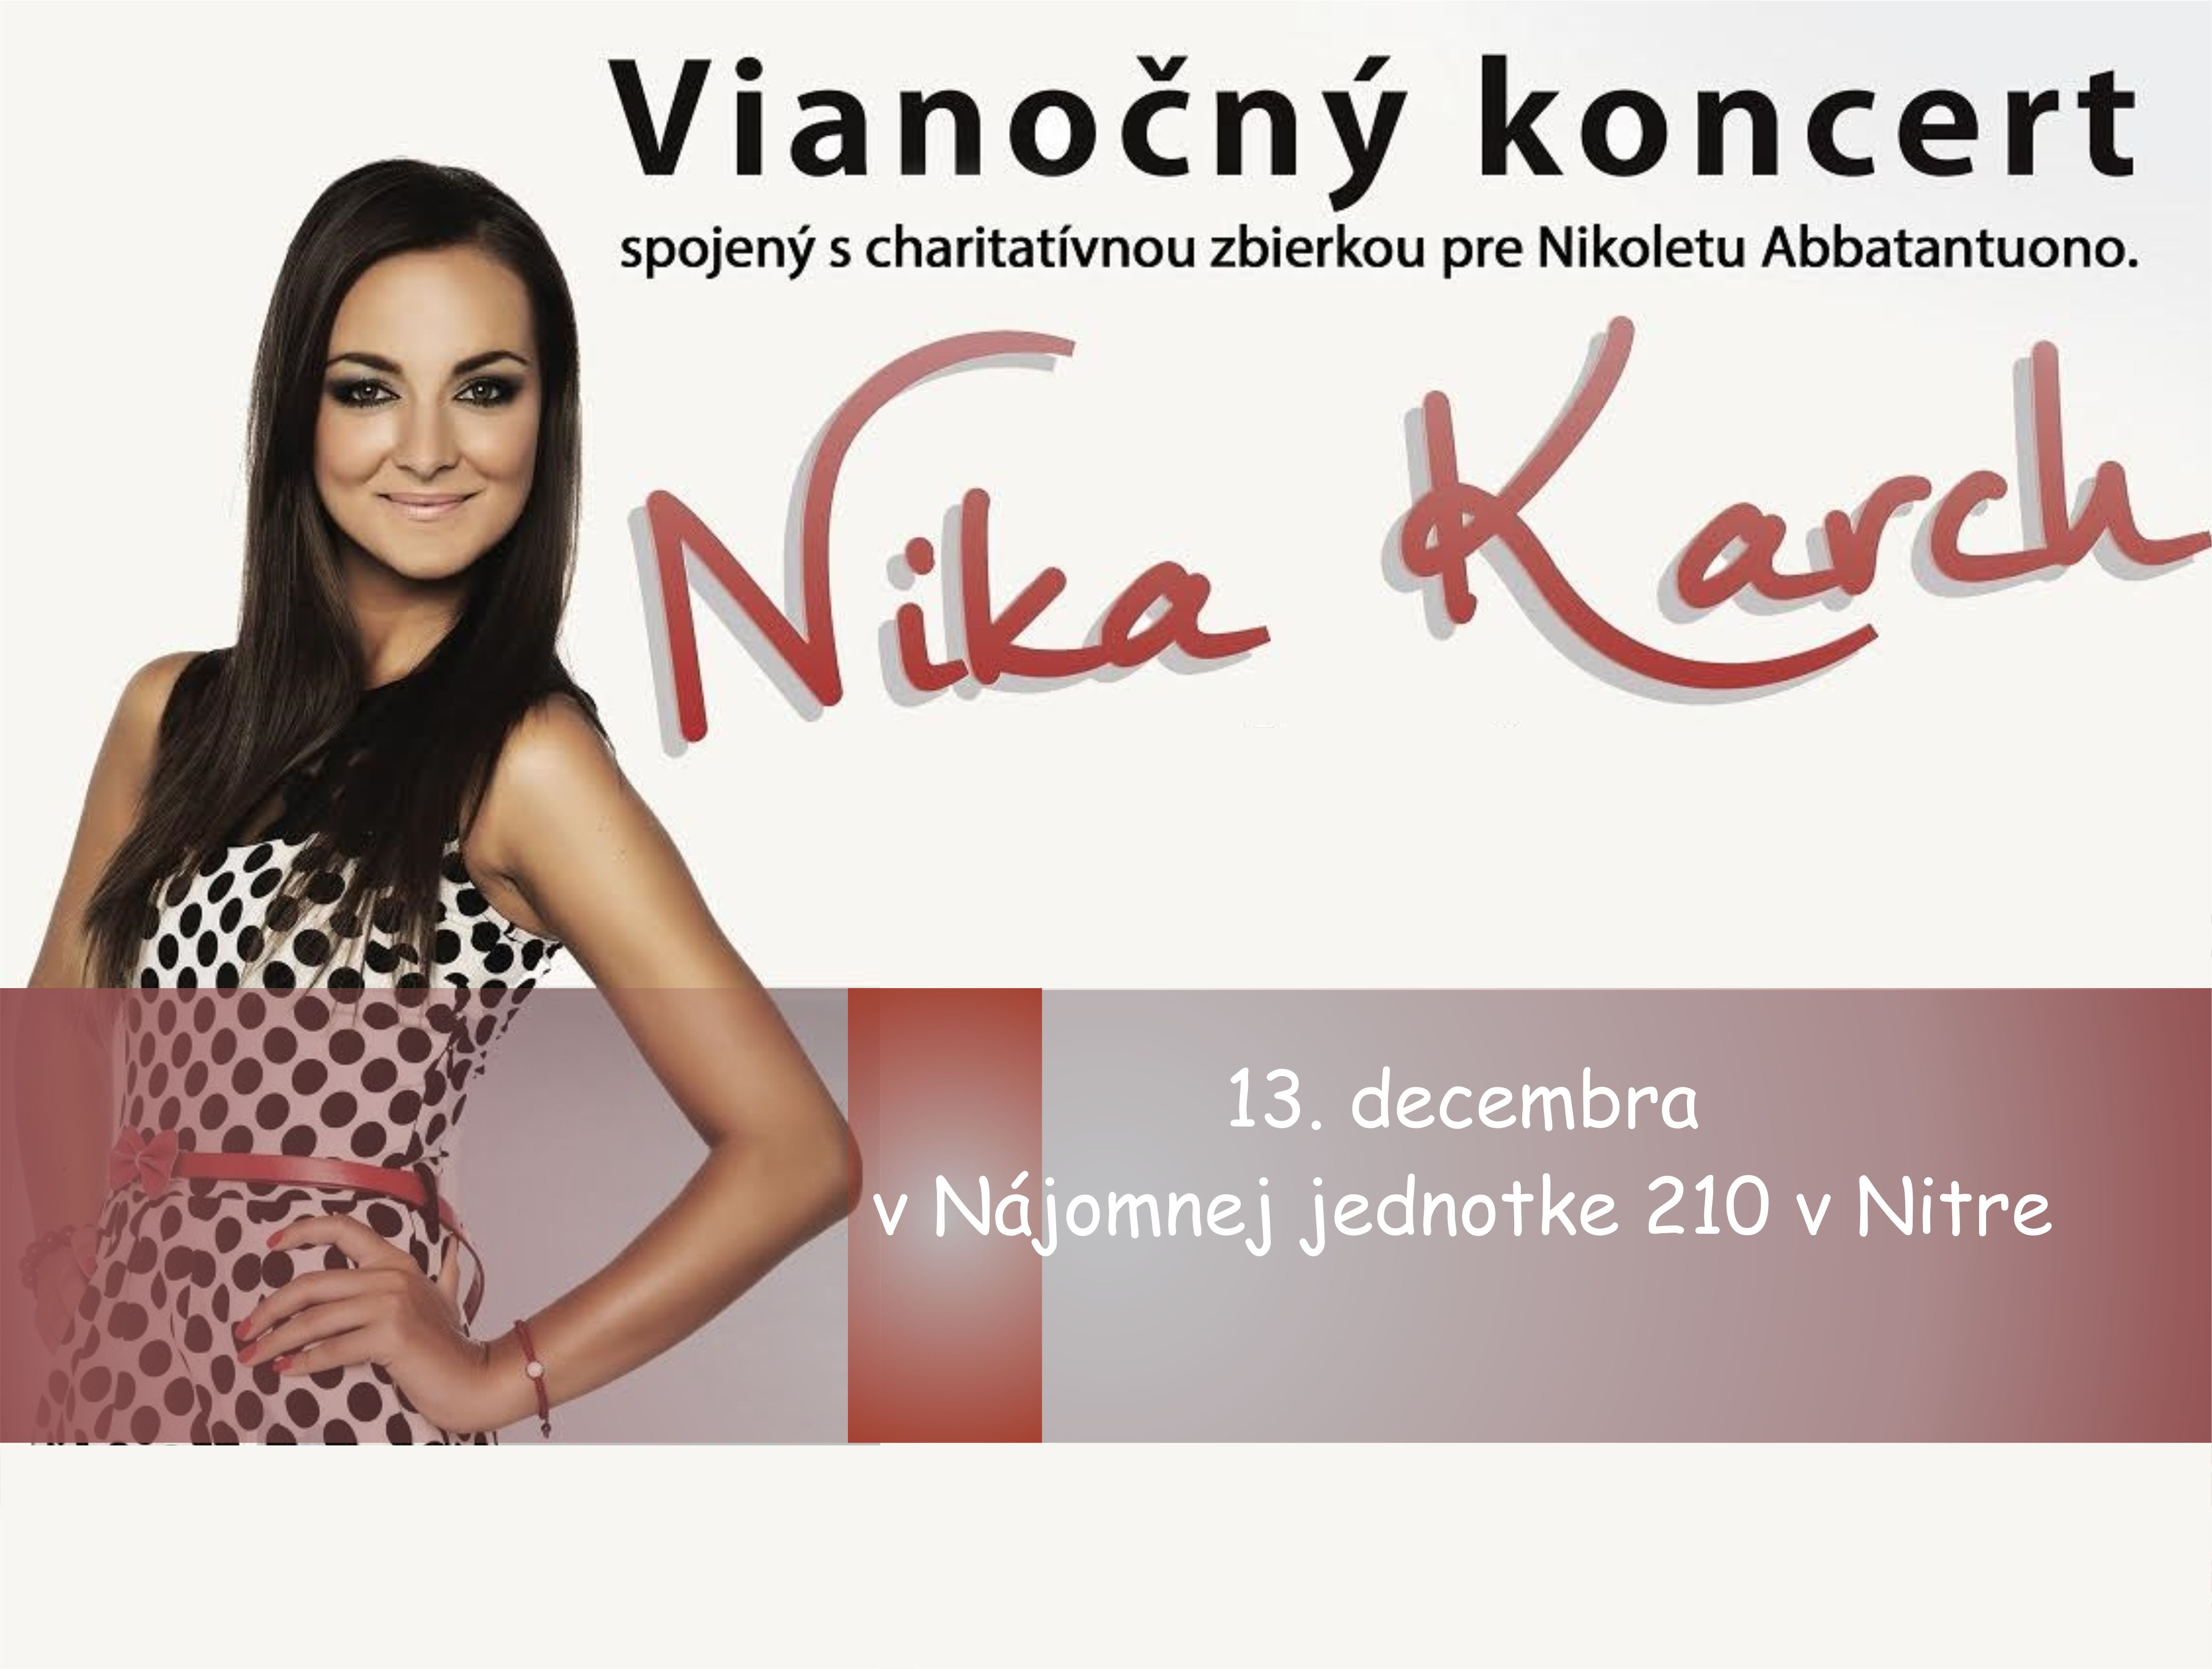 Vianočný koncert Nika Karch a hostia  Mário - Kam v meste  3f188367ec8